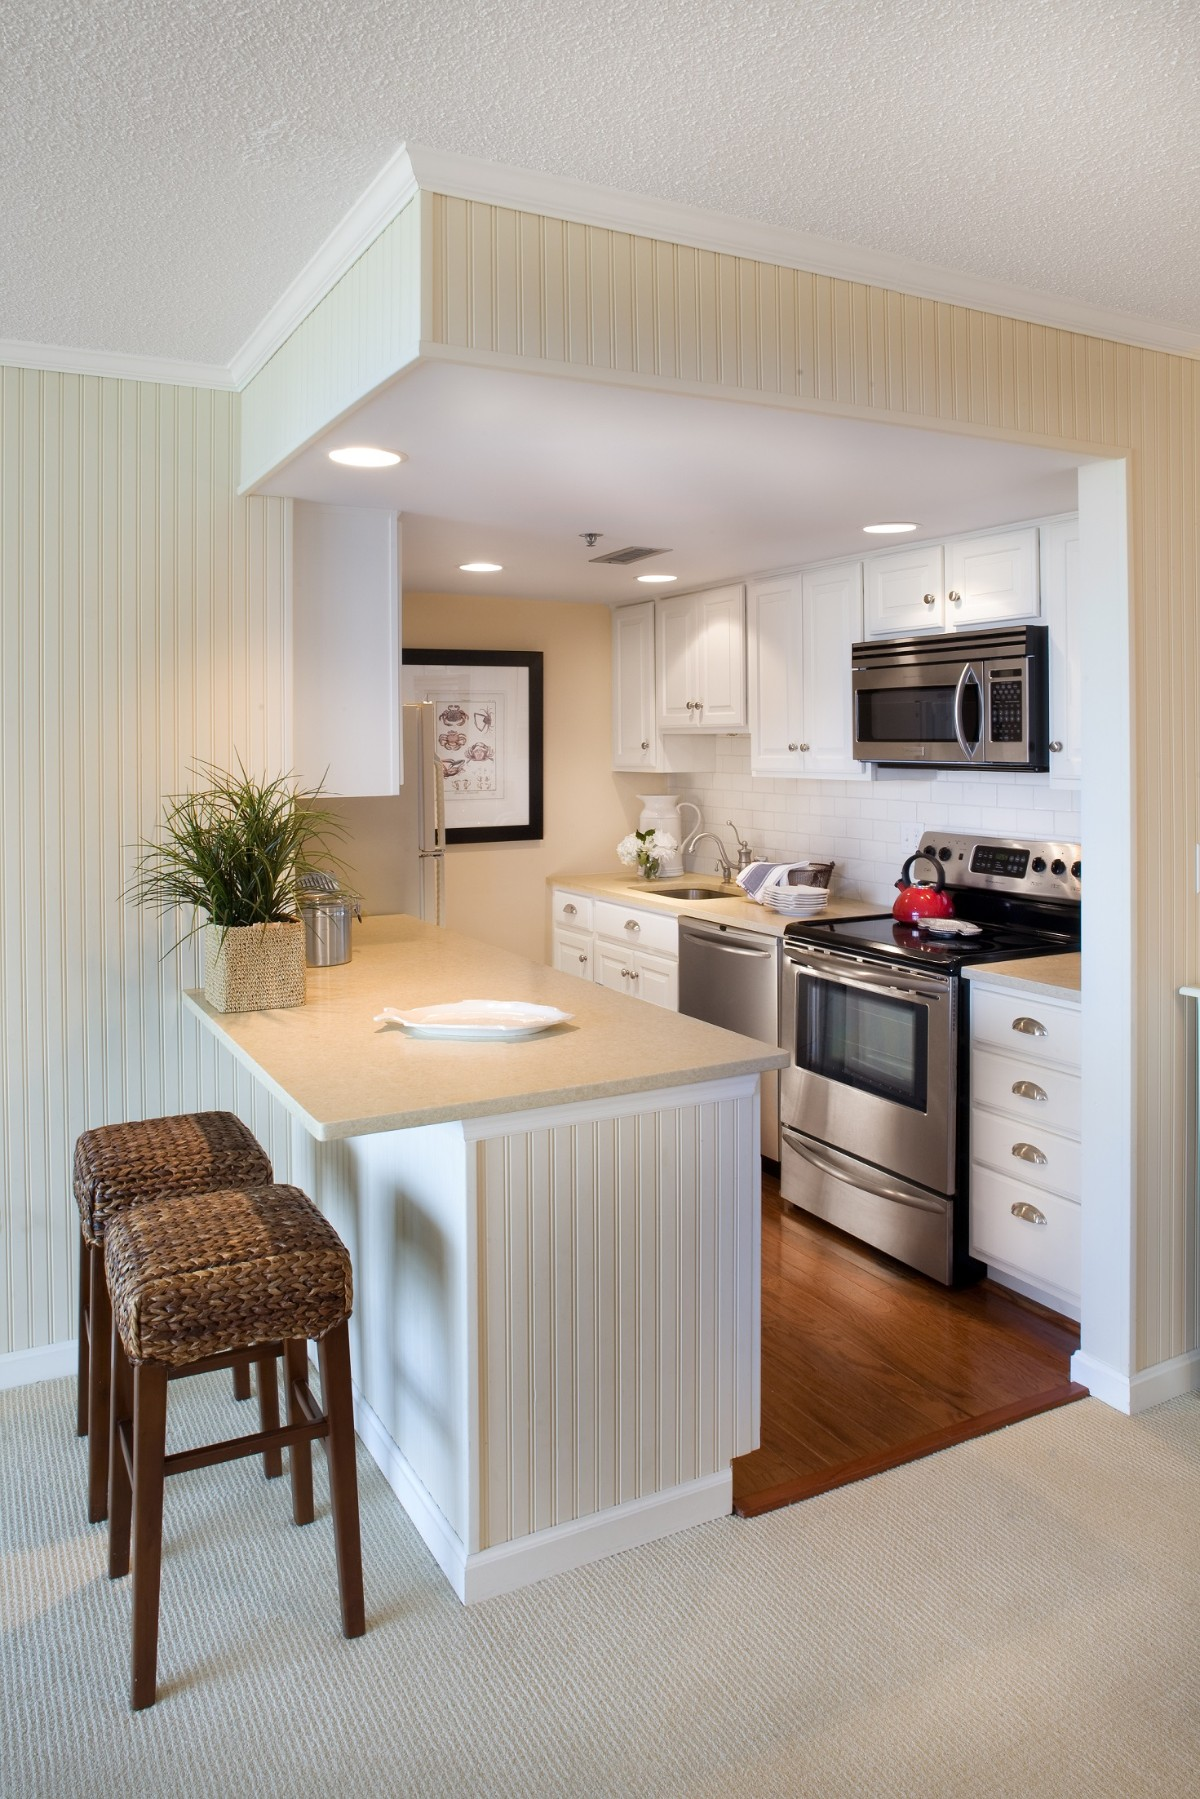 дизайн малогабаритной кухни в студии зонирование